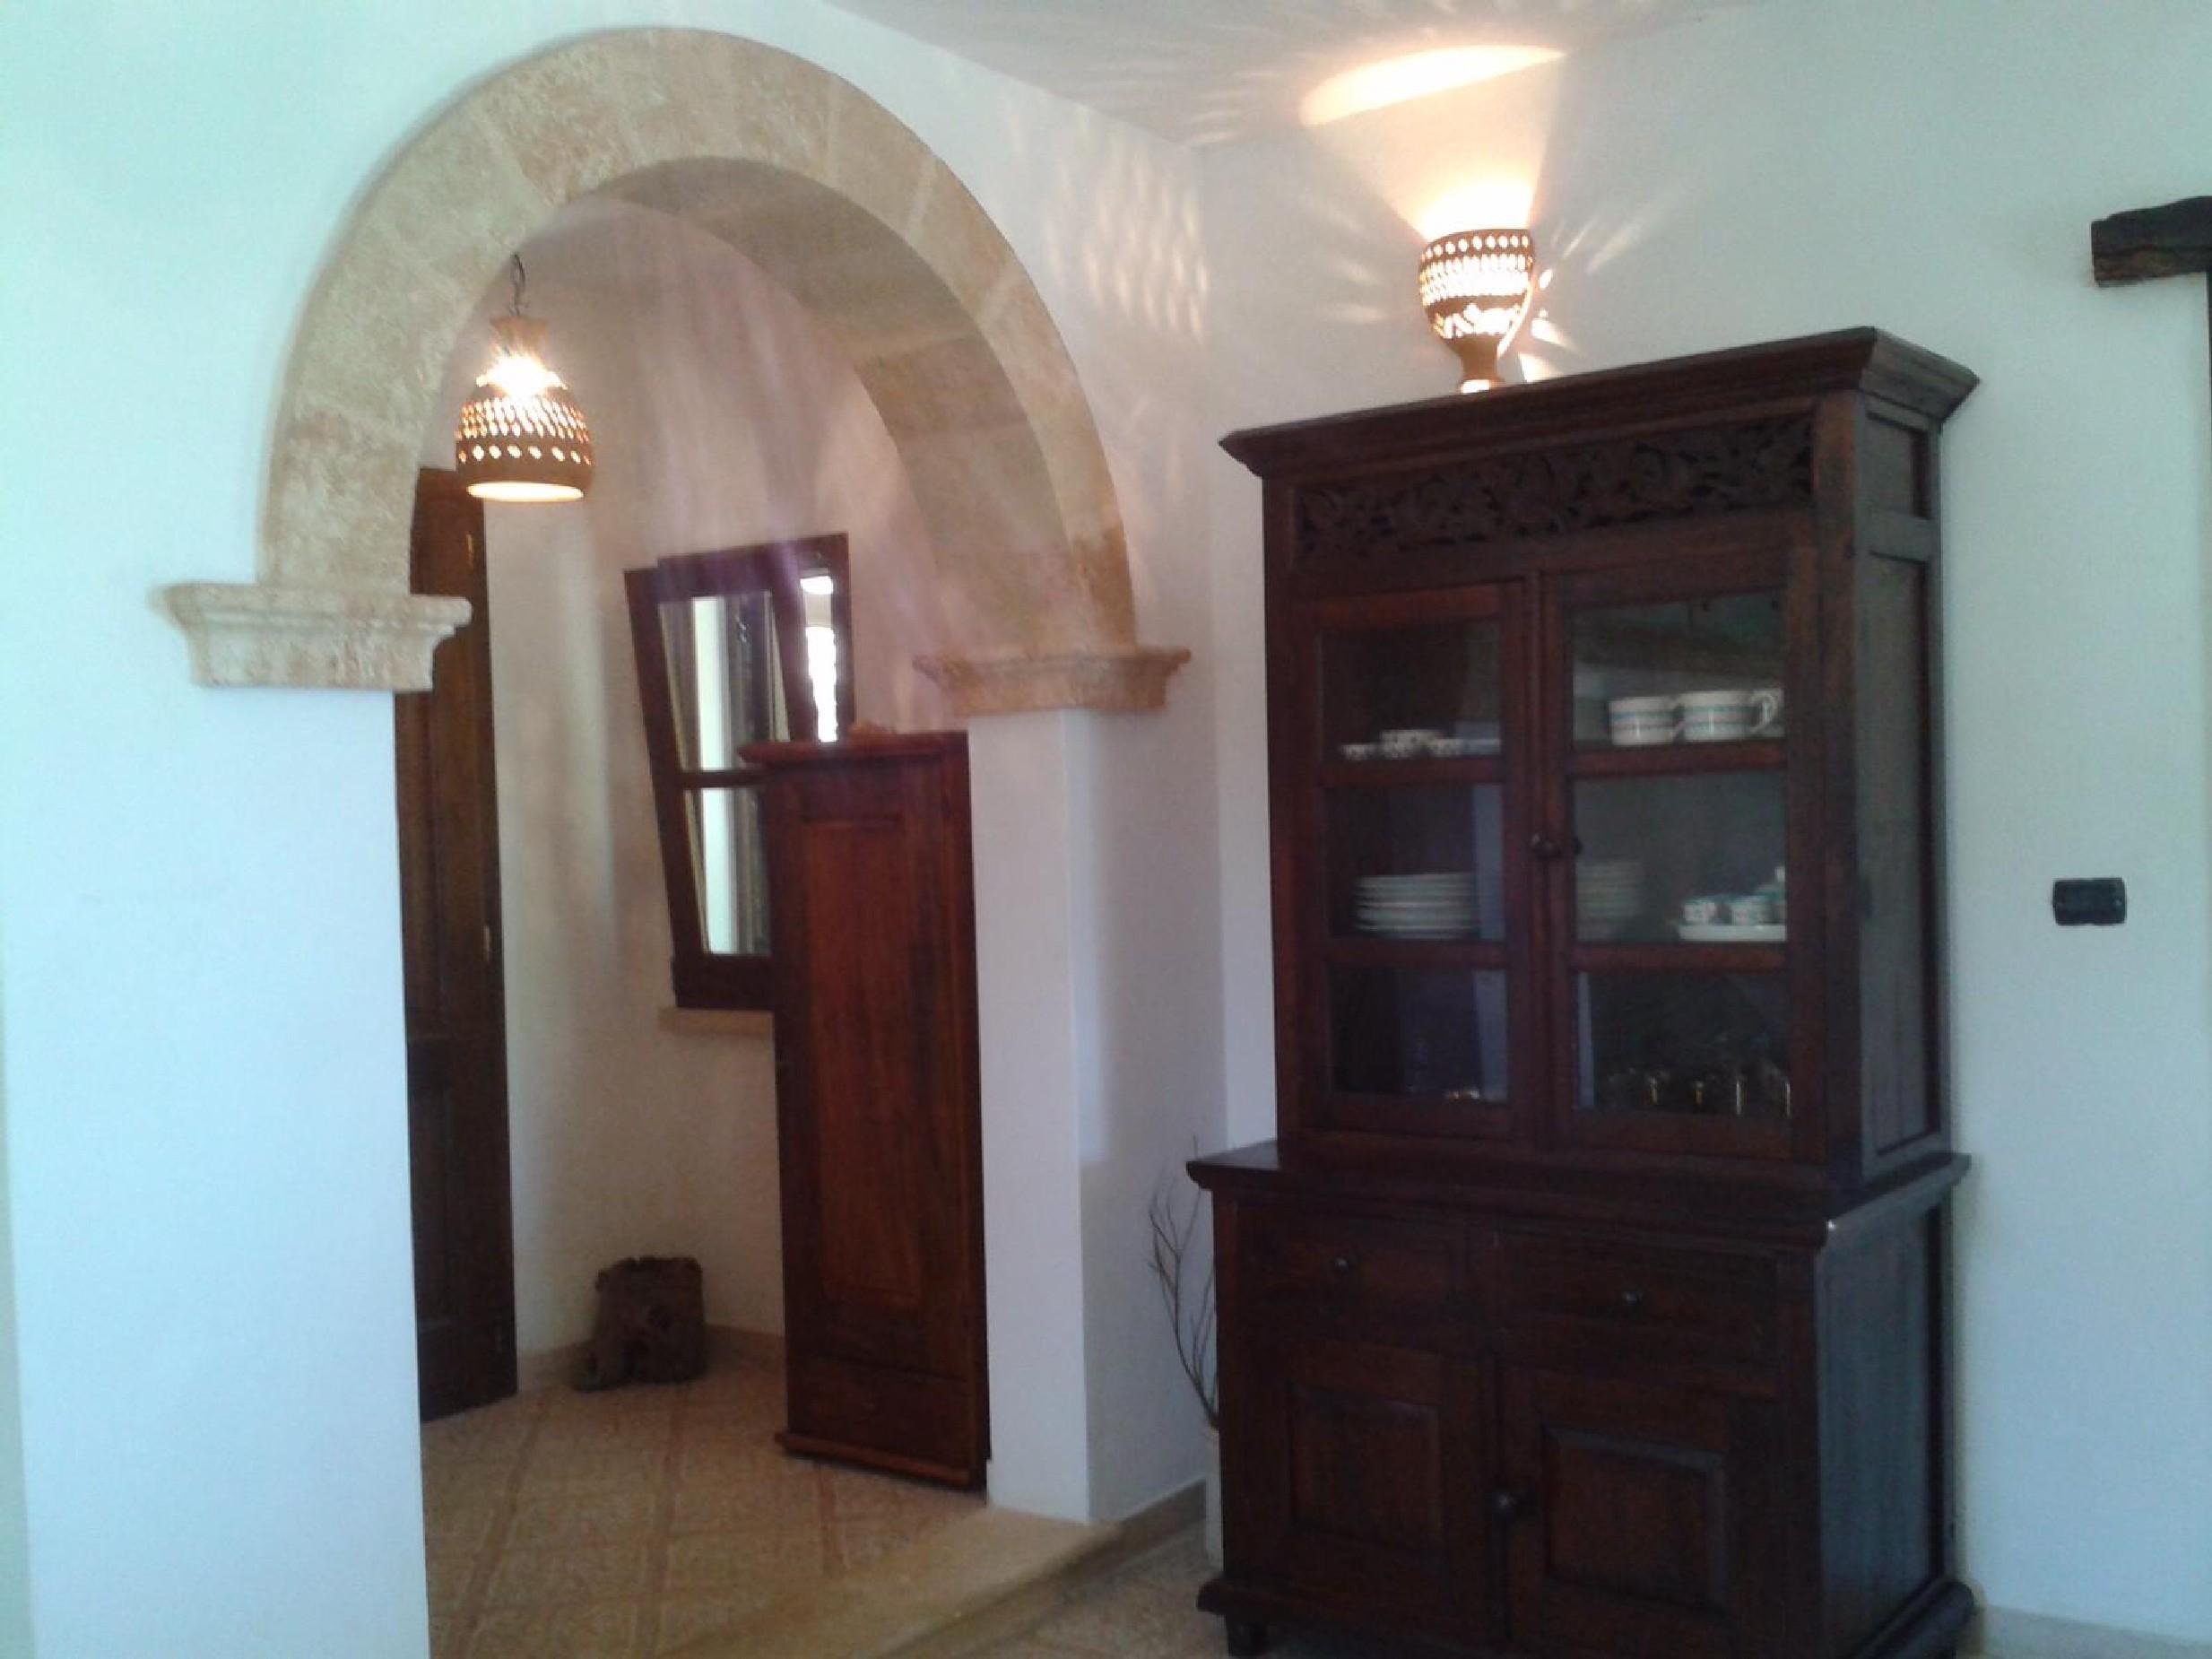 Apartment Mirto Sopra - casa in pietra sul mare photo 21137371